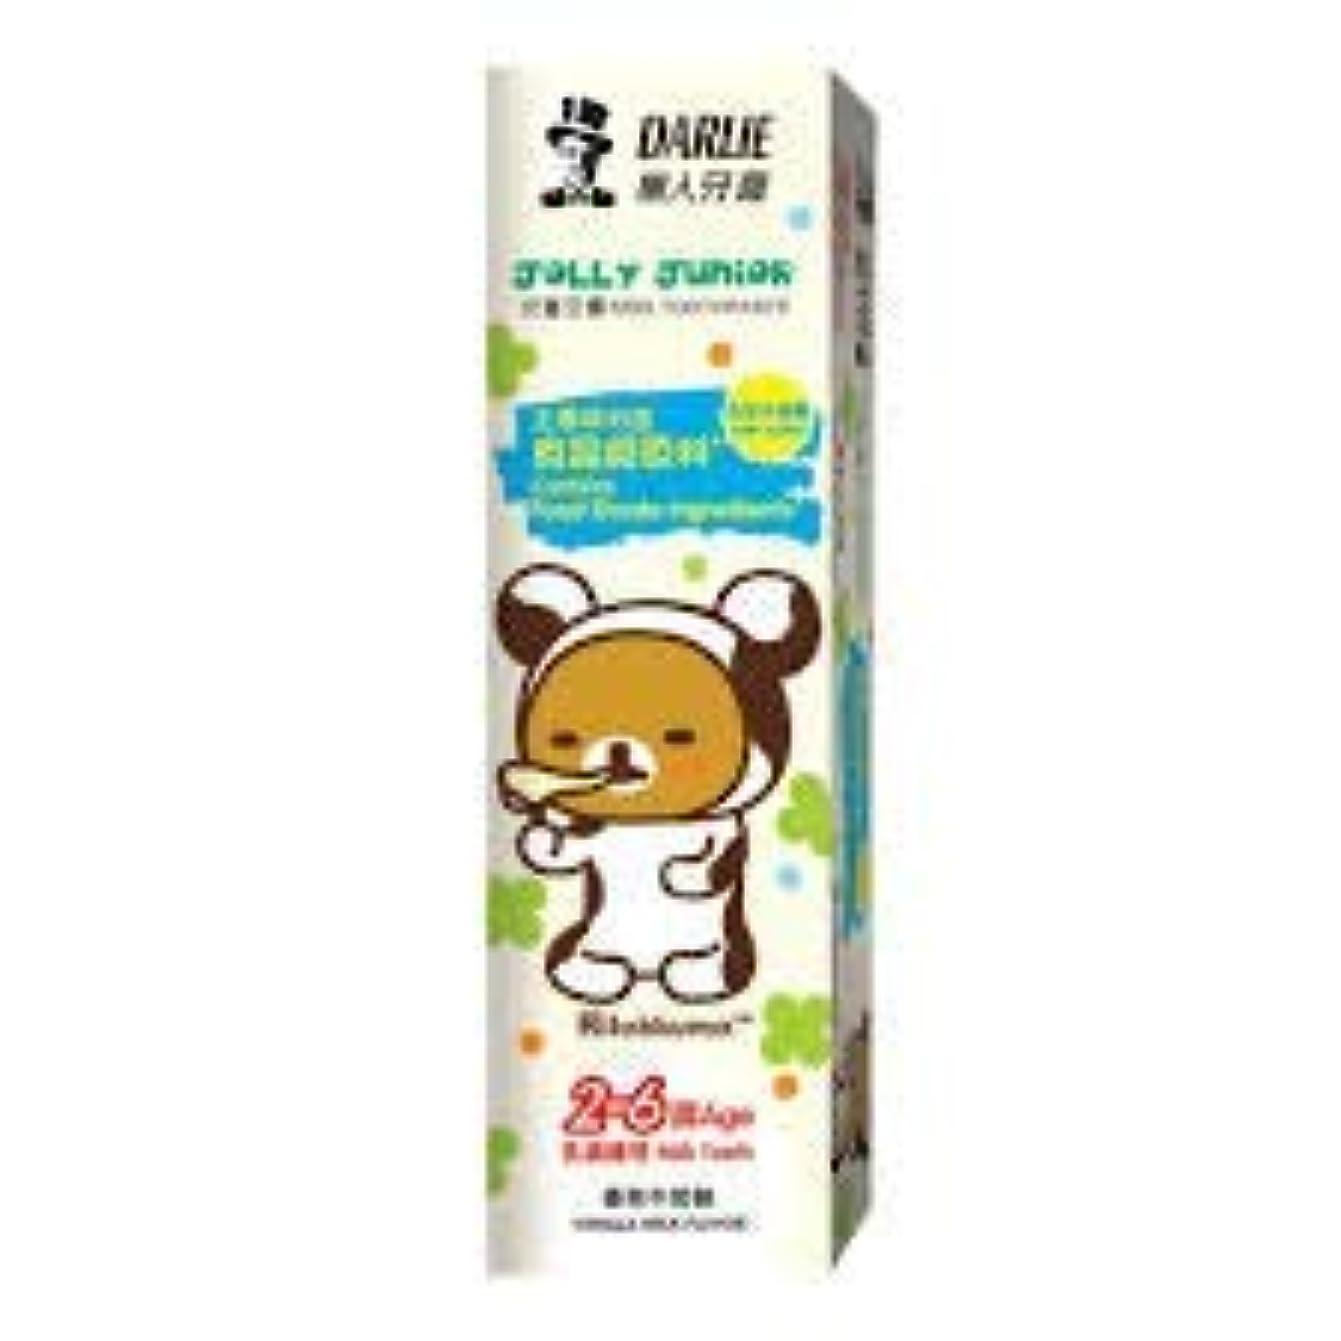 祈り磁石アンティークDARLIE ハッピーティーンエイジャーの歯磨き粉2-6歳歯磨き粉60グラムバニラミルクは - 虫歯を防ぐためにキシリトールを含む、ミルクの歯と準備して子供たちに仕出し料理されます